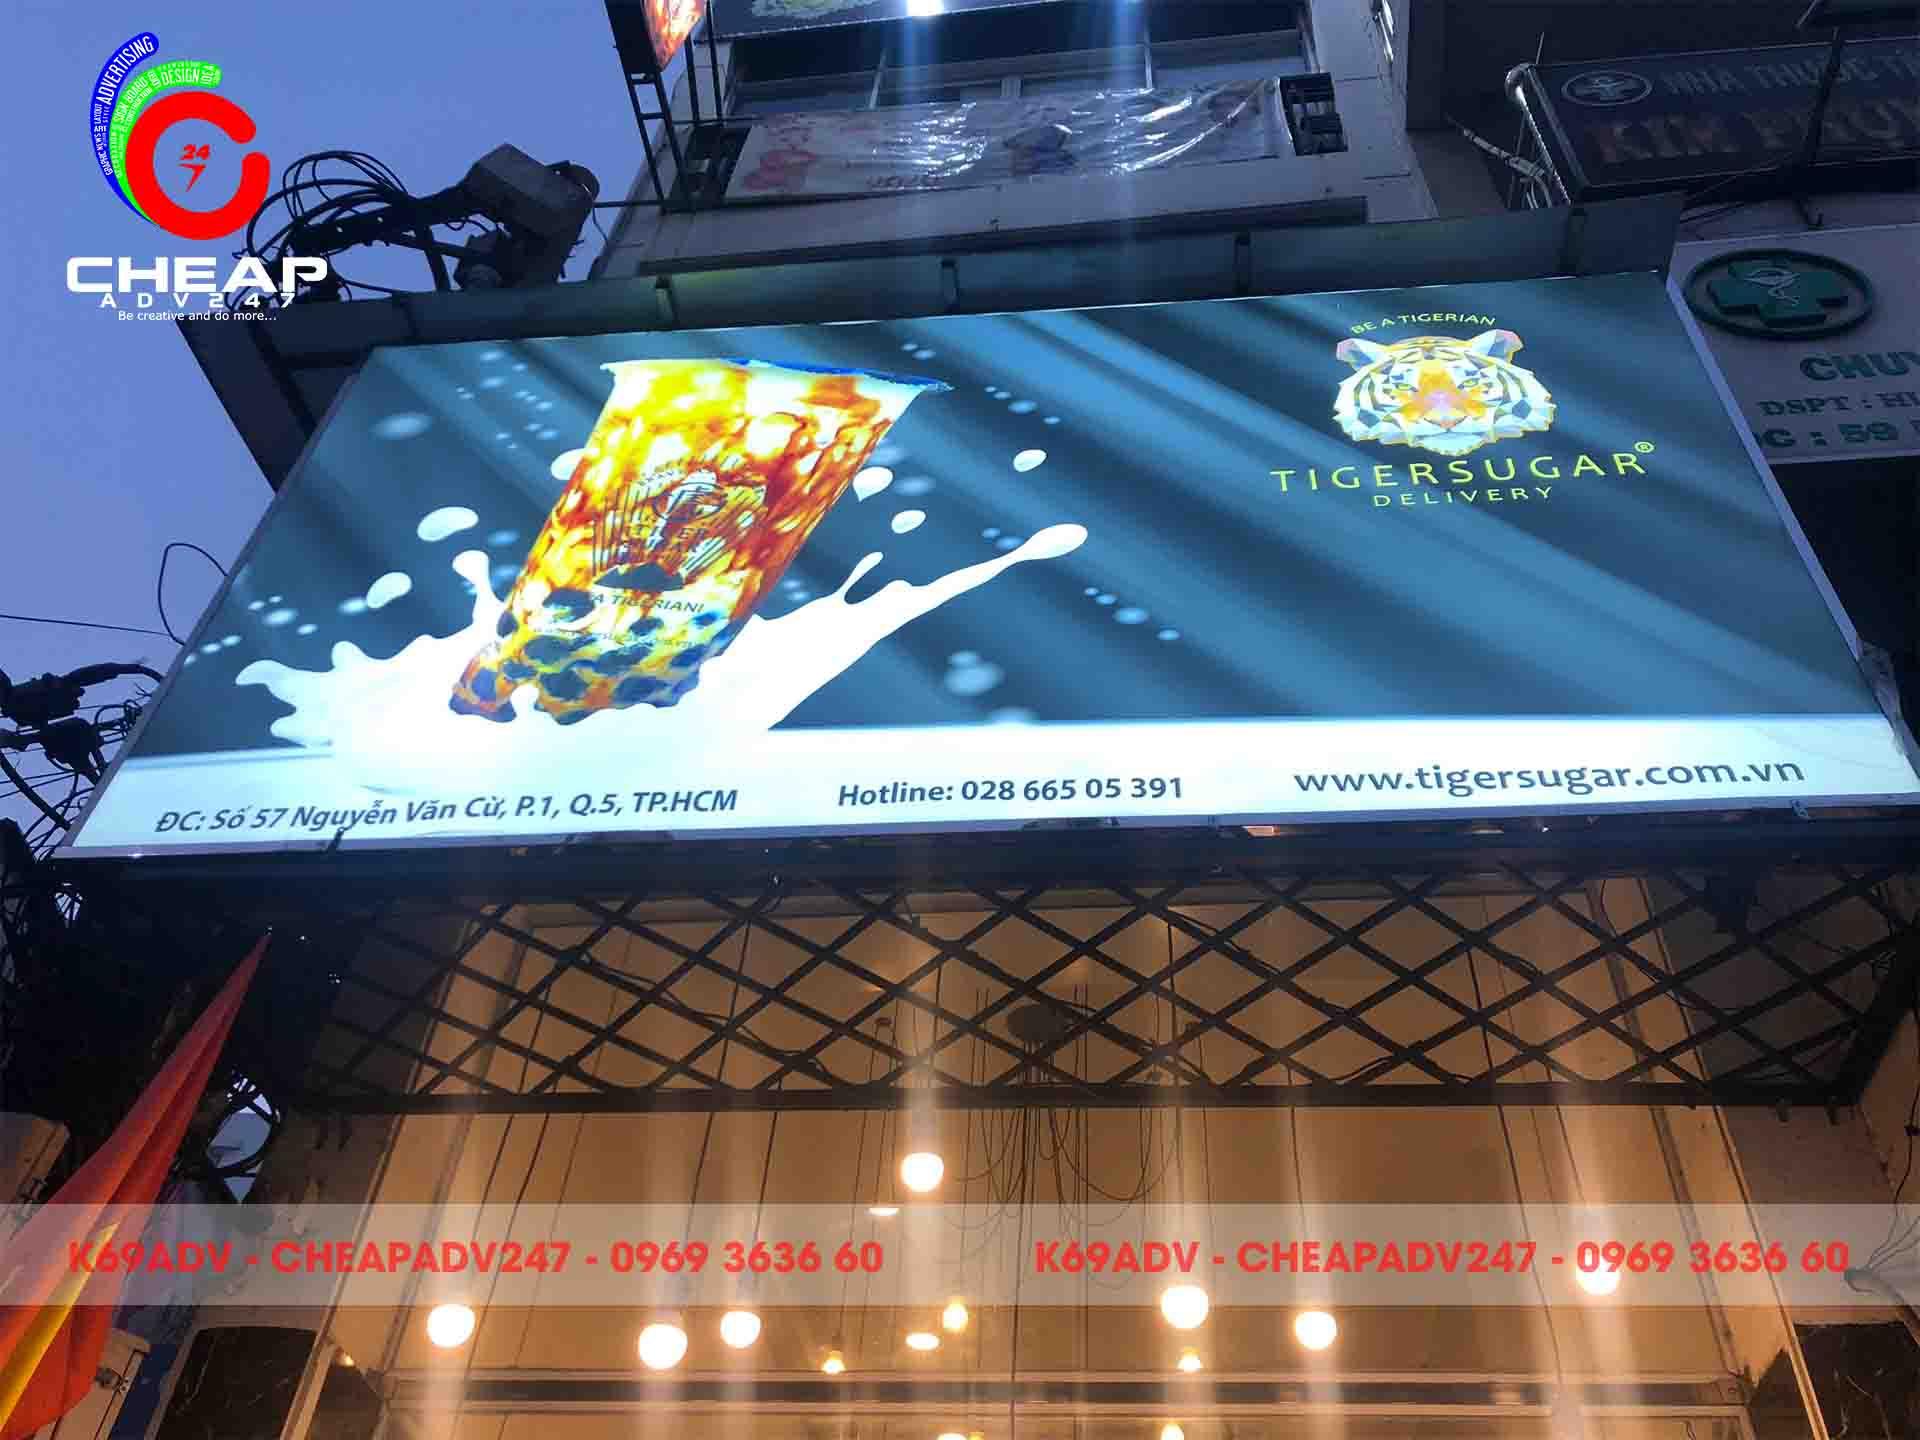 Mẫu bảng hiệu PANO ngoài trời cho quán trà sữa tại Cheapadv247